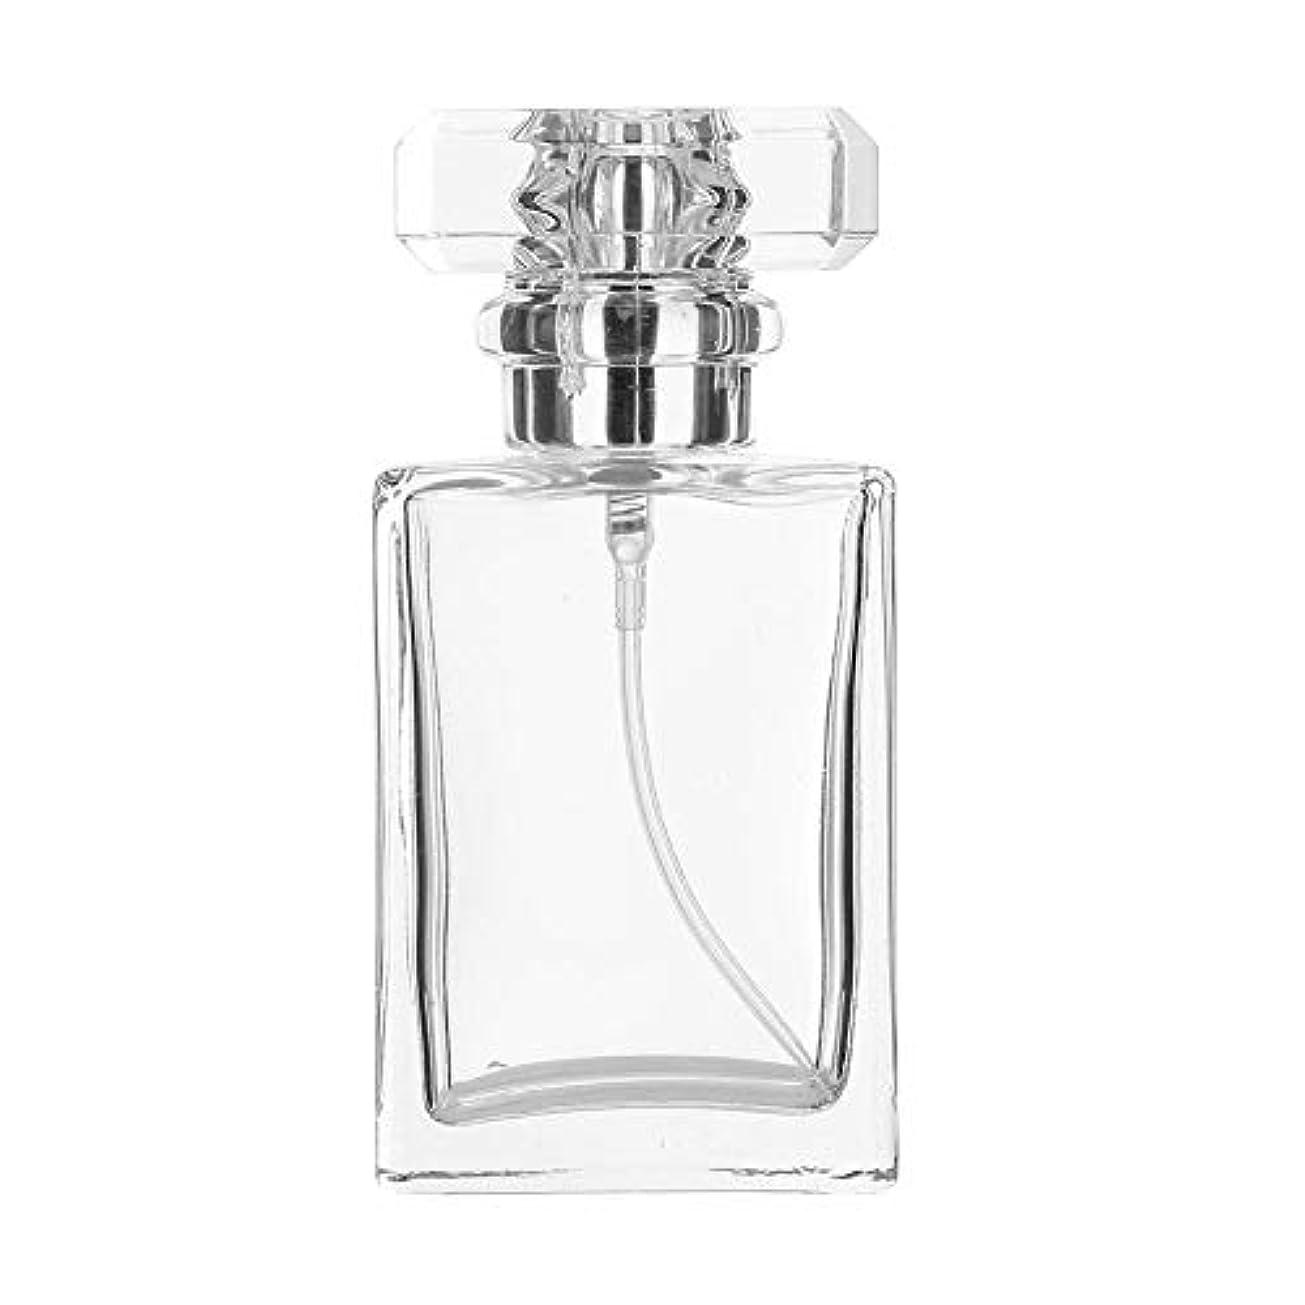 シビック叫び声打たれたトラック30ml空のガラス香水瓶旅行サイズ(トランスペアレント)